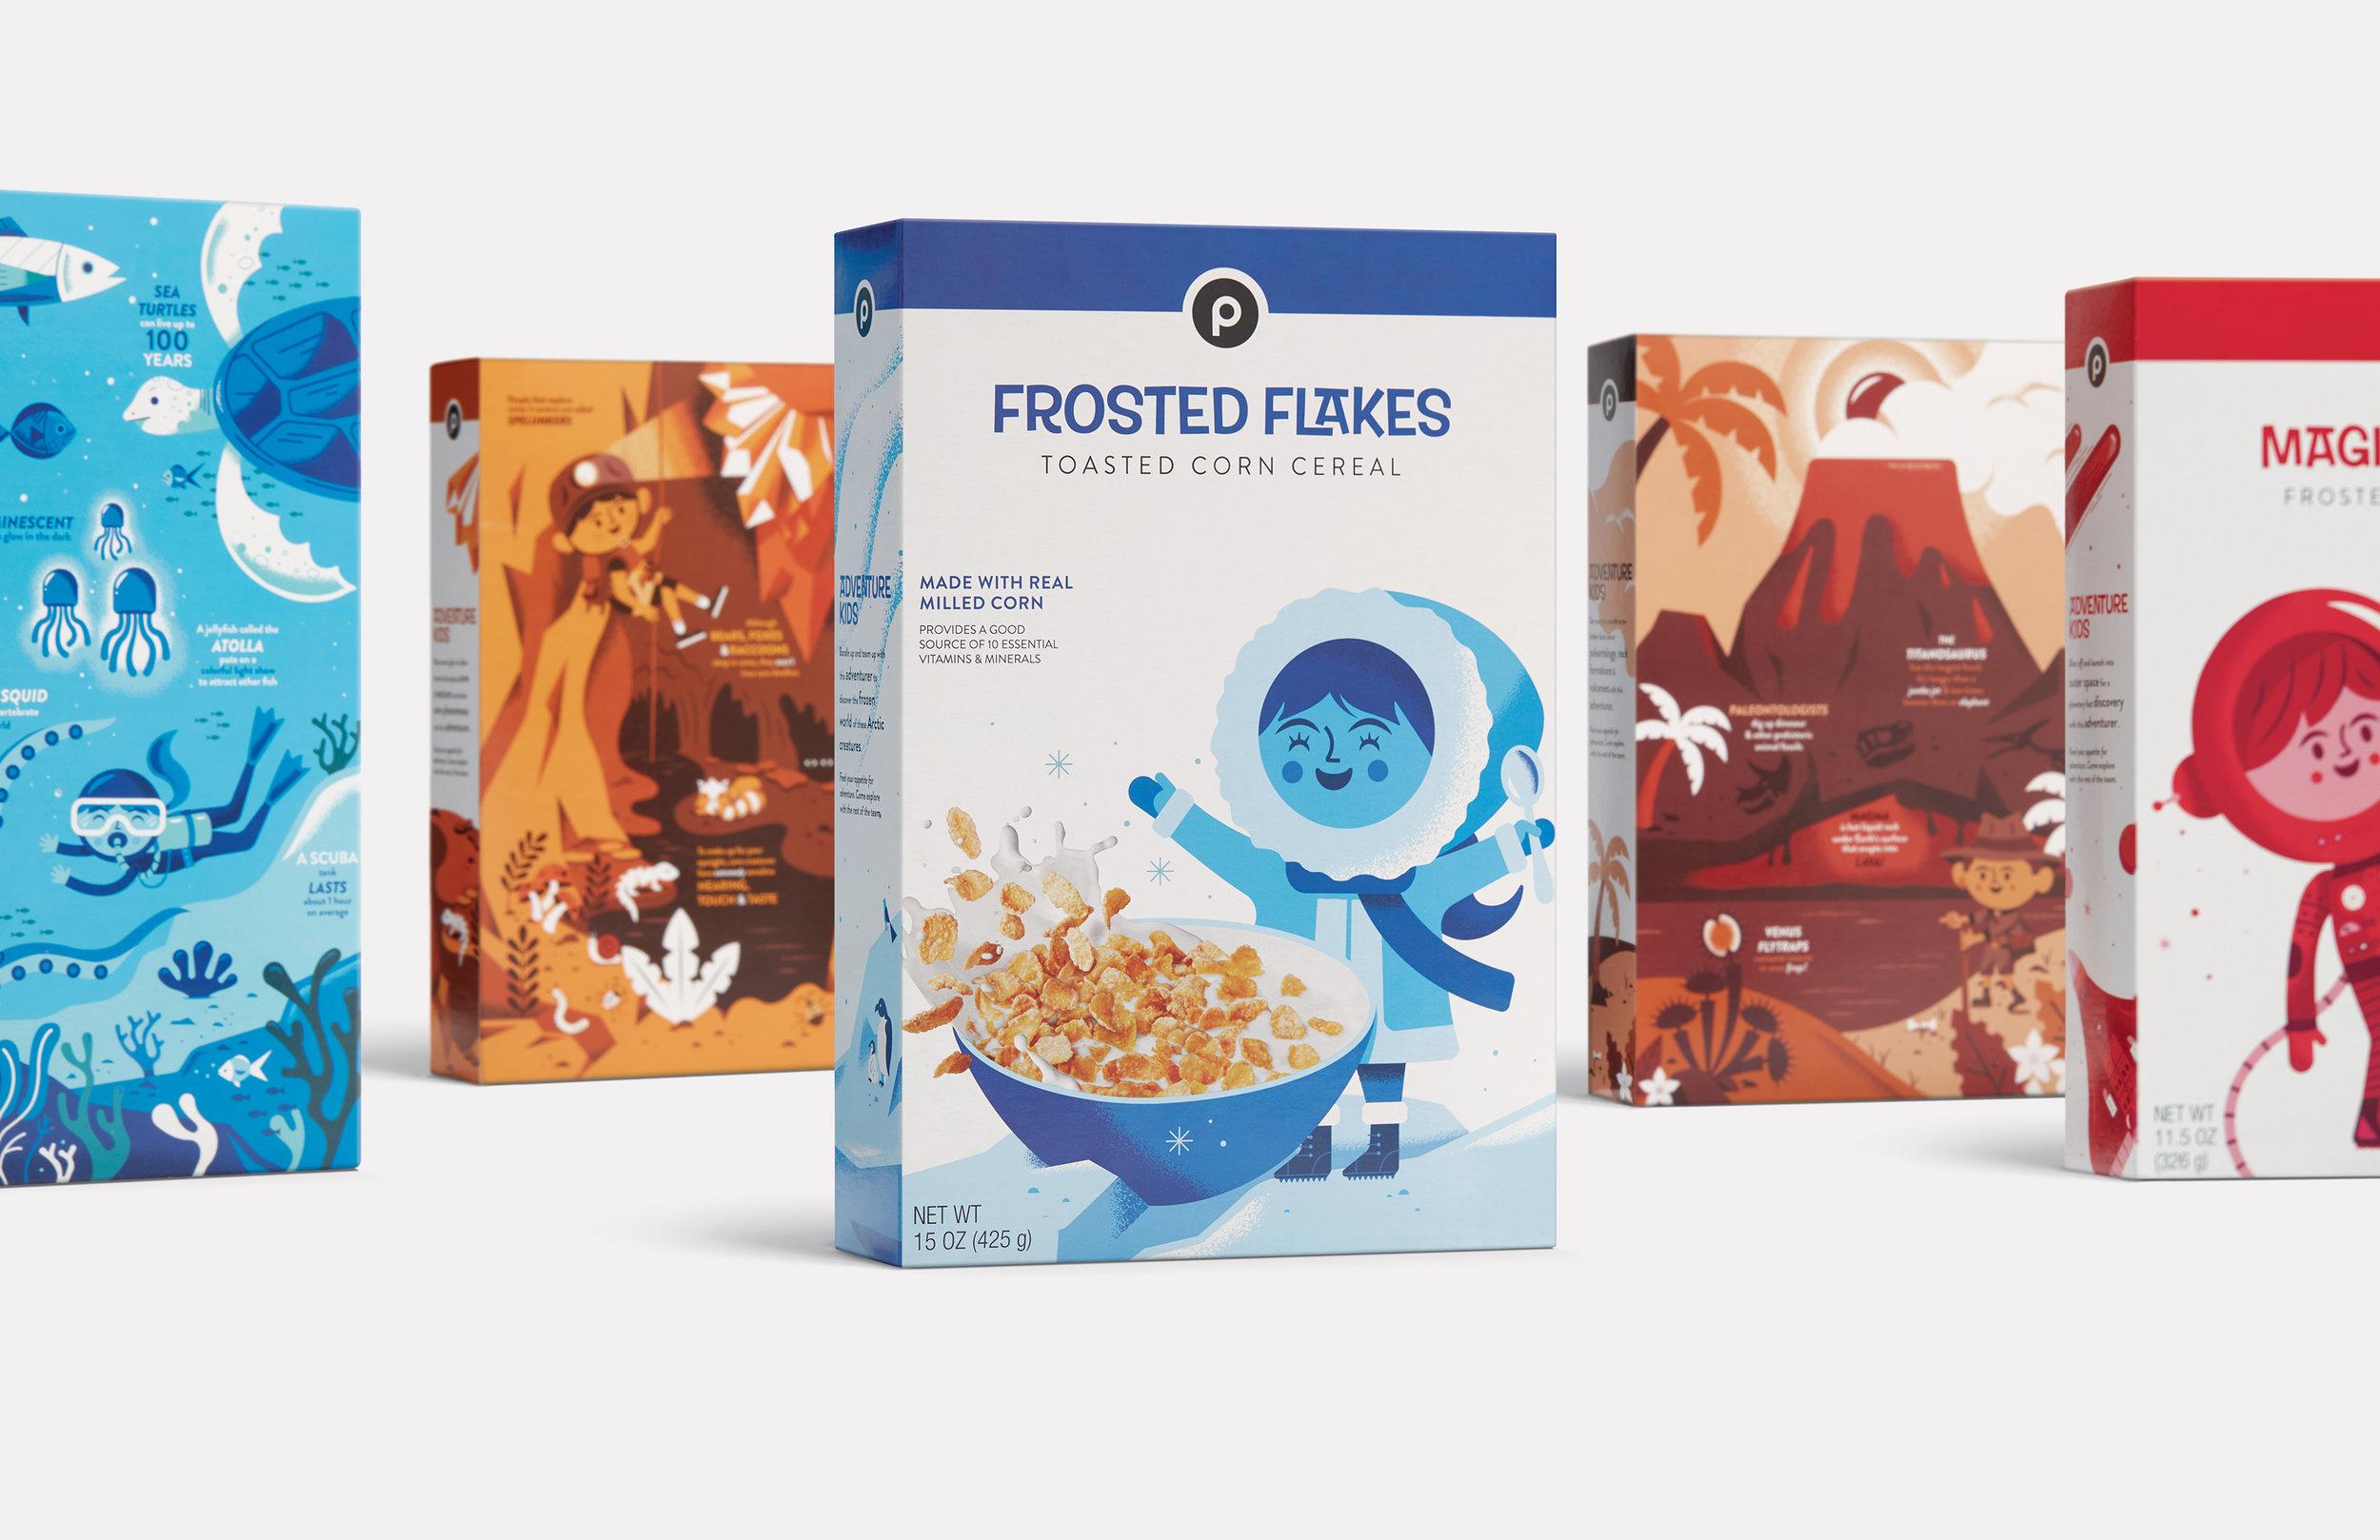 Publix_AdventureKids_Cereal_1.jpg